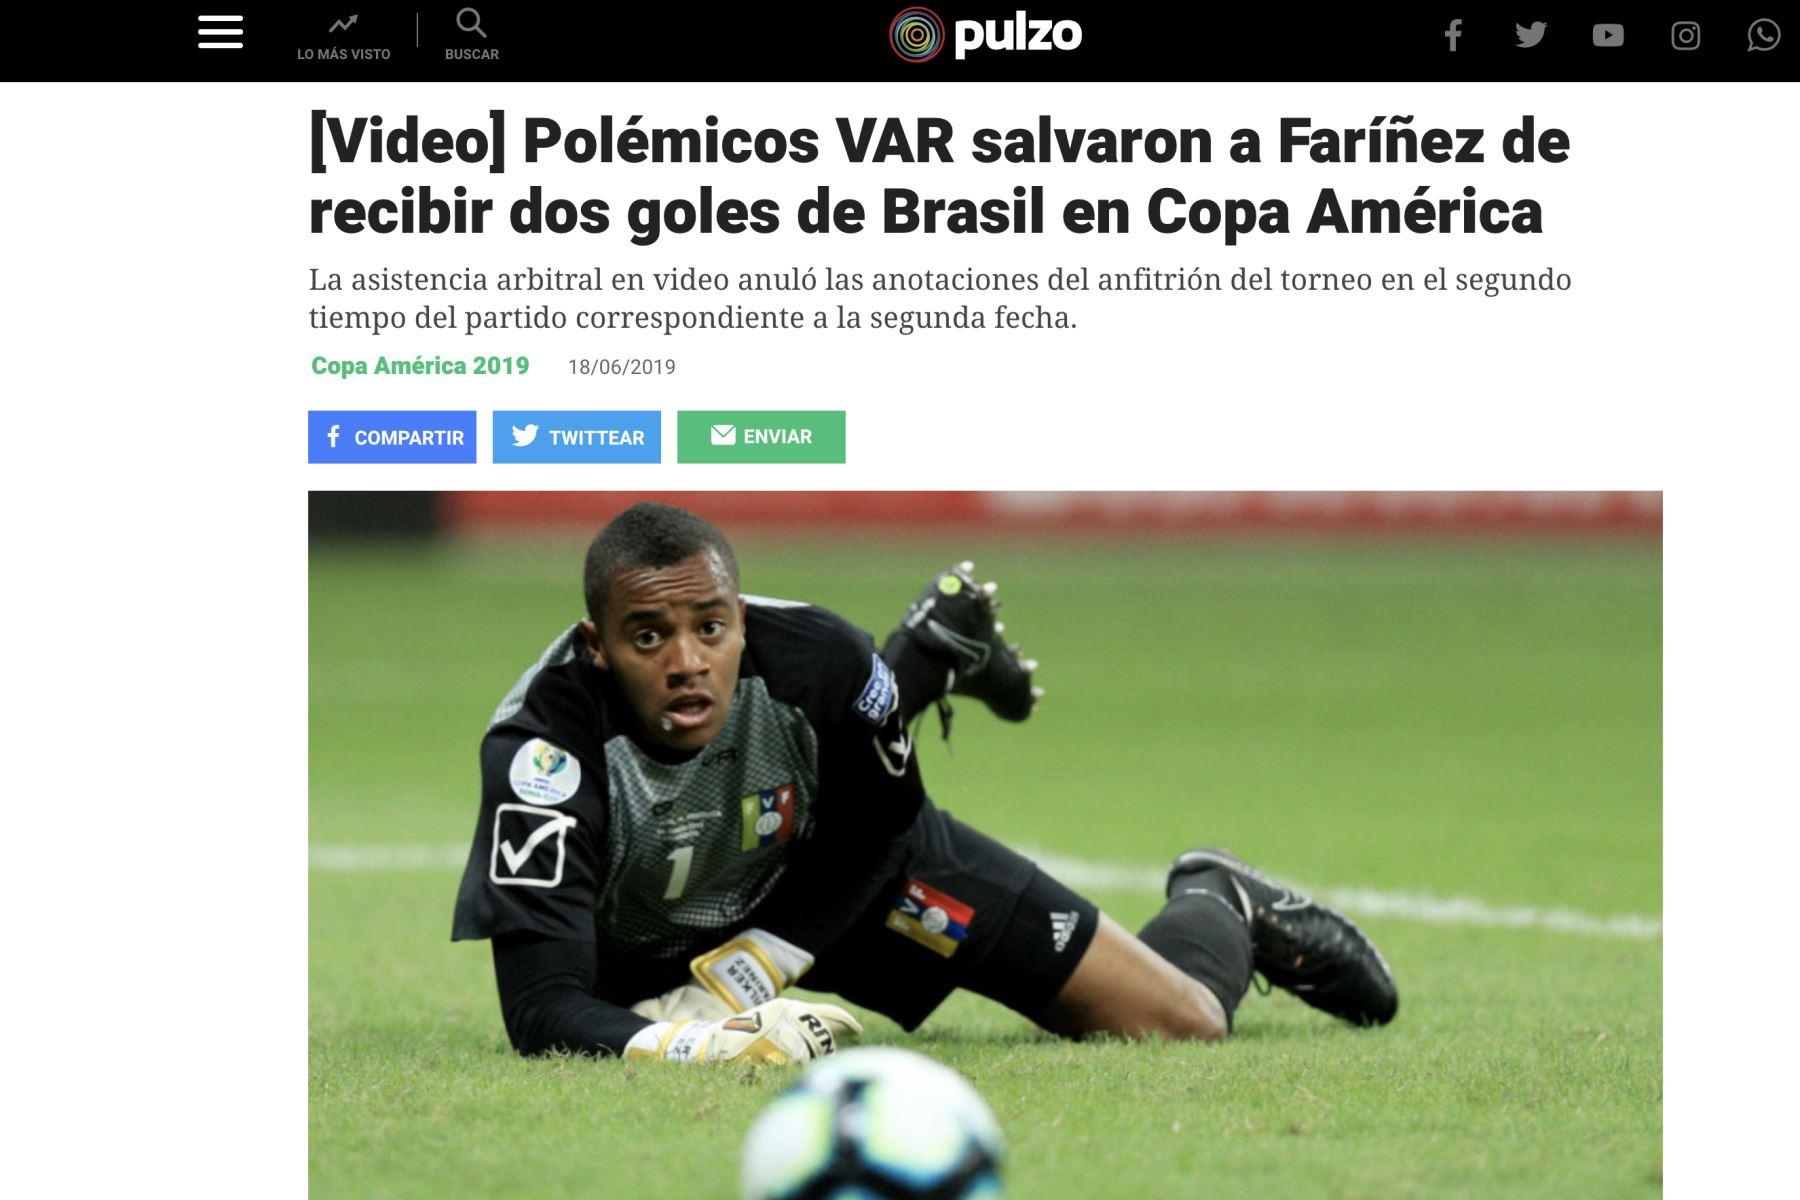 Diario Pulzo. Así informó la prensa mundial el empate entre Brasil y Venezuela por la Copa América 2019.Foto: ANDINA/Difusión